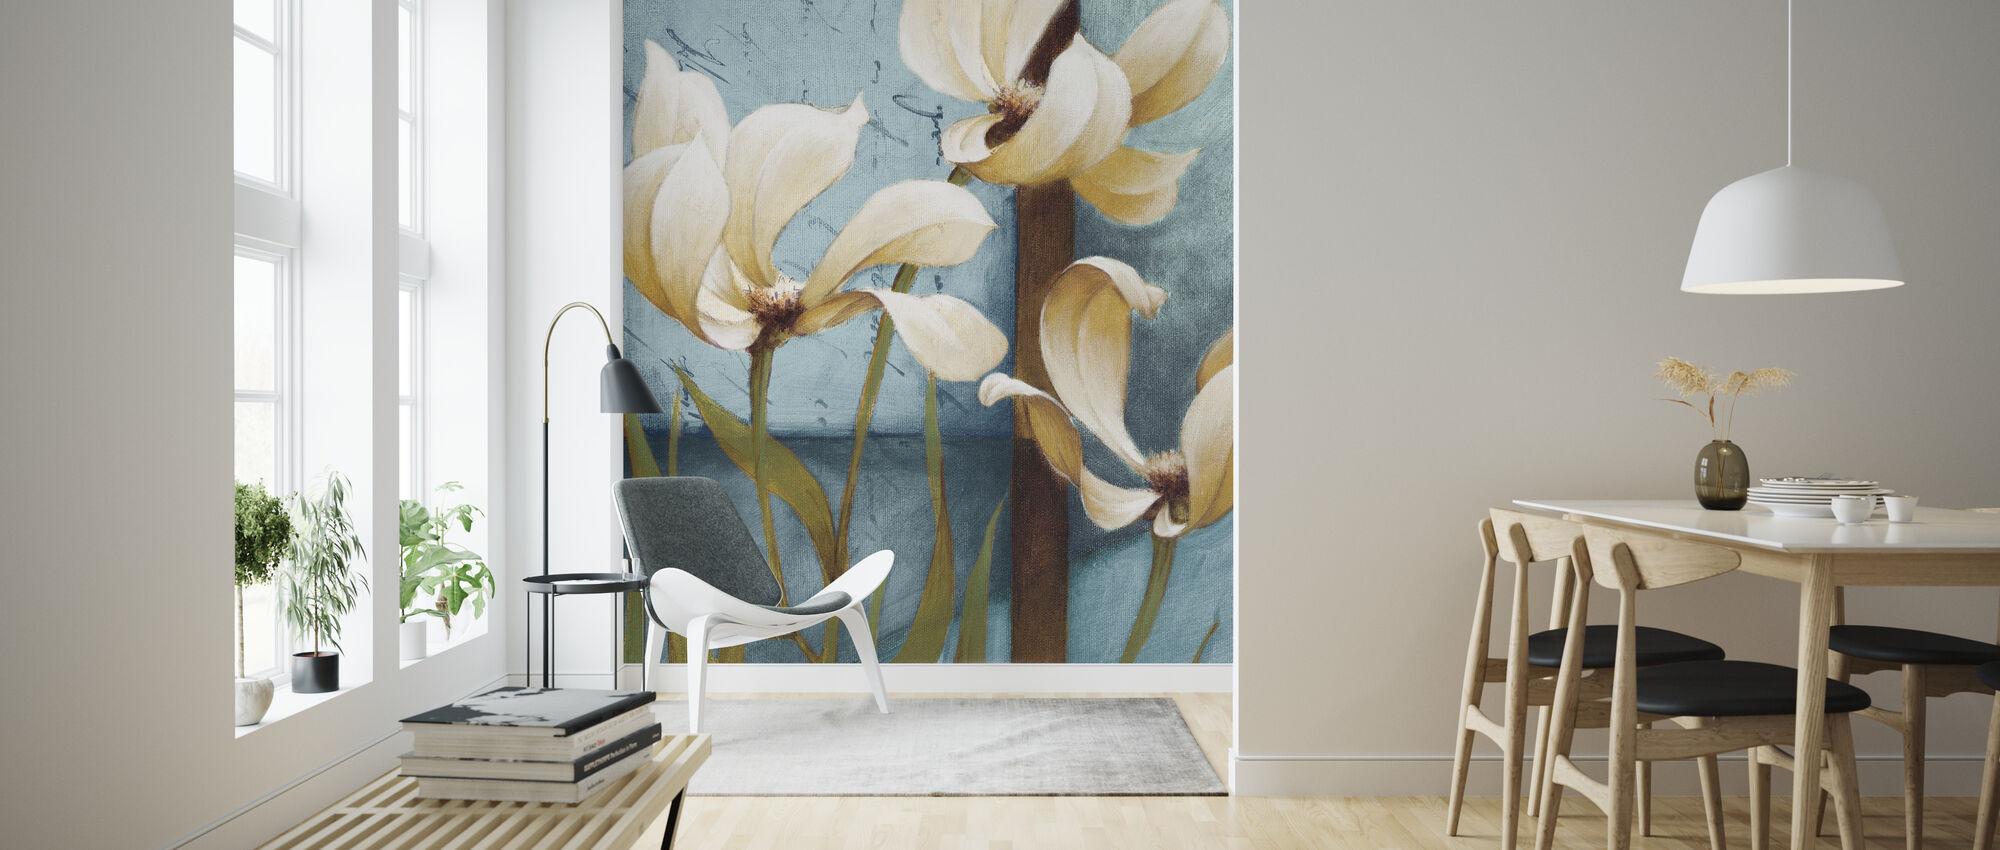 Magnolia Schilderij - Behang - Woonkamer